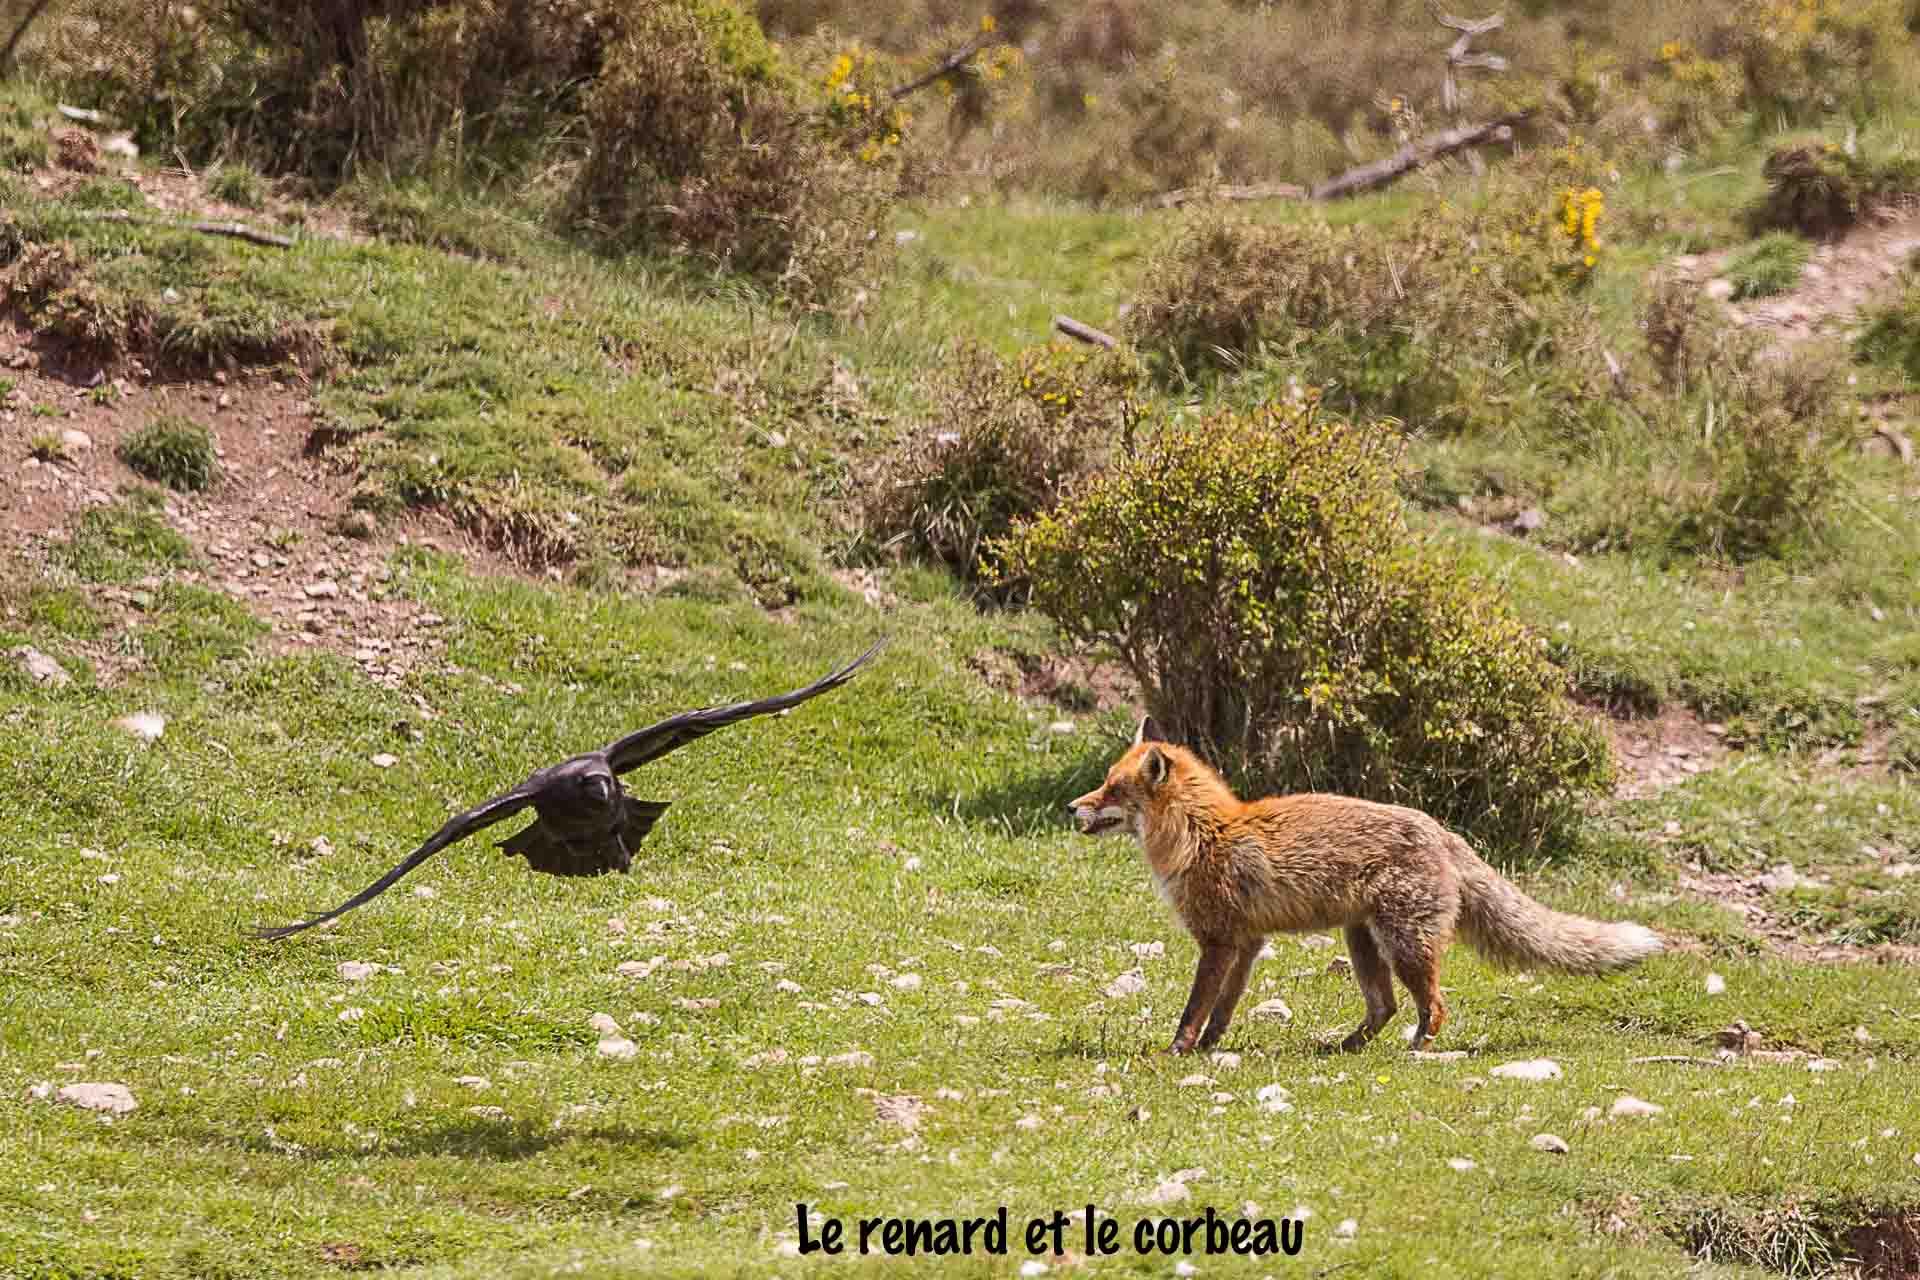 corbeau renard copie